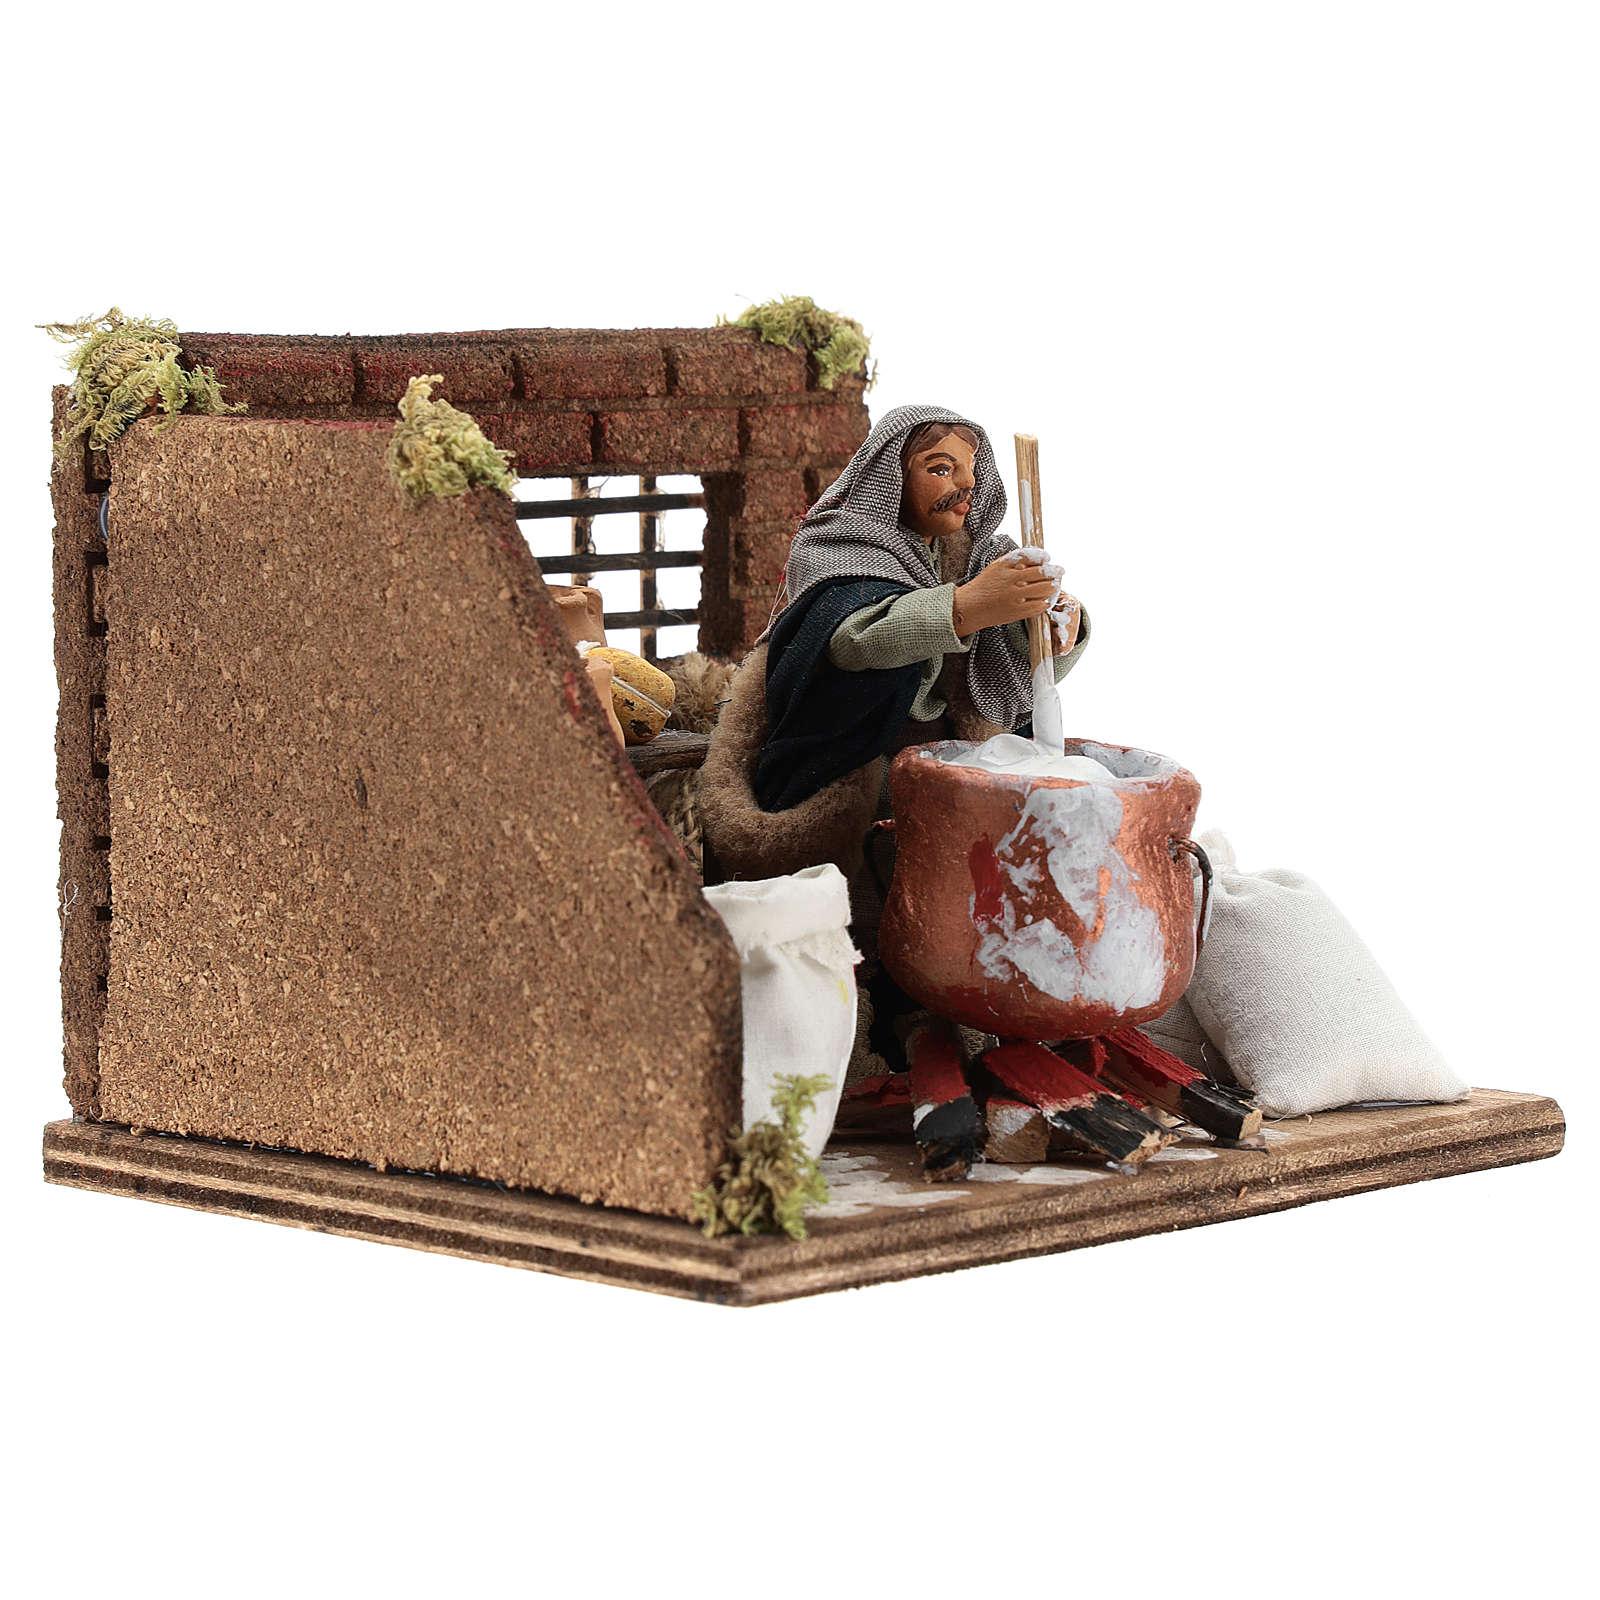 Ricotta cheese seller 10 cm in terracotta for Neapolitan nativity scene 4